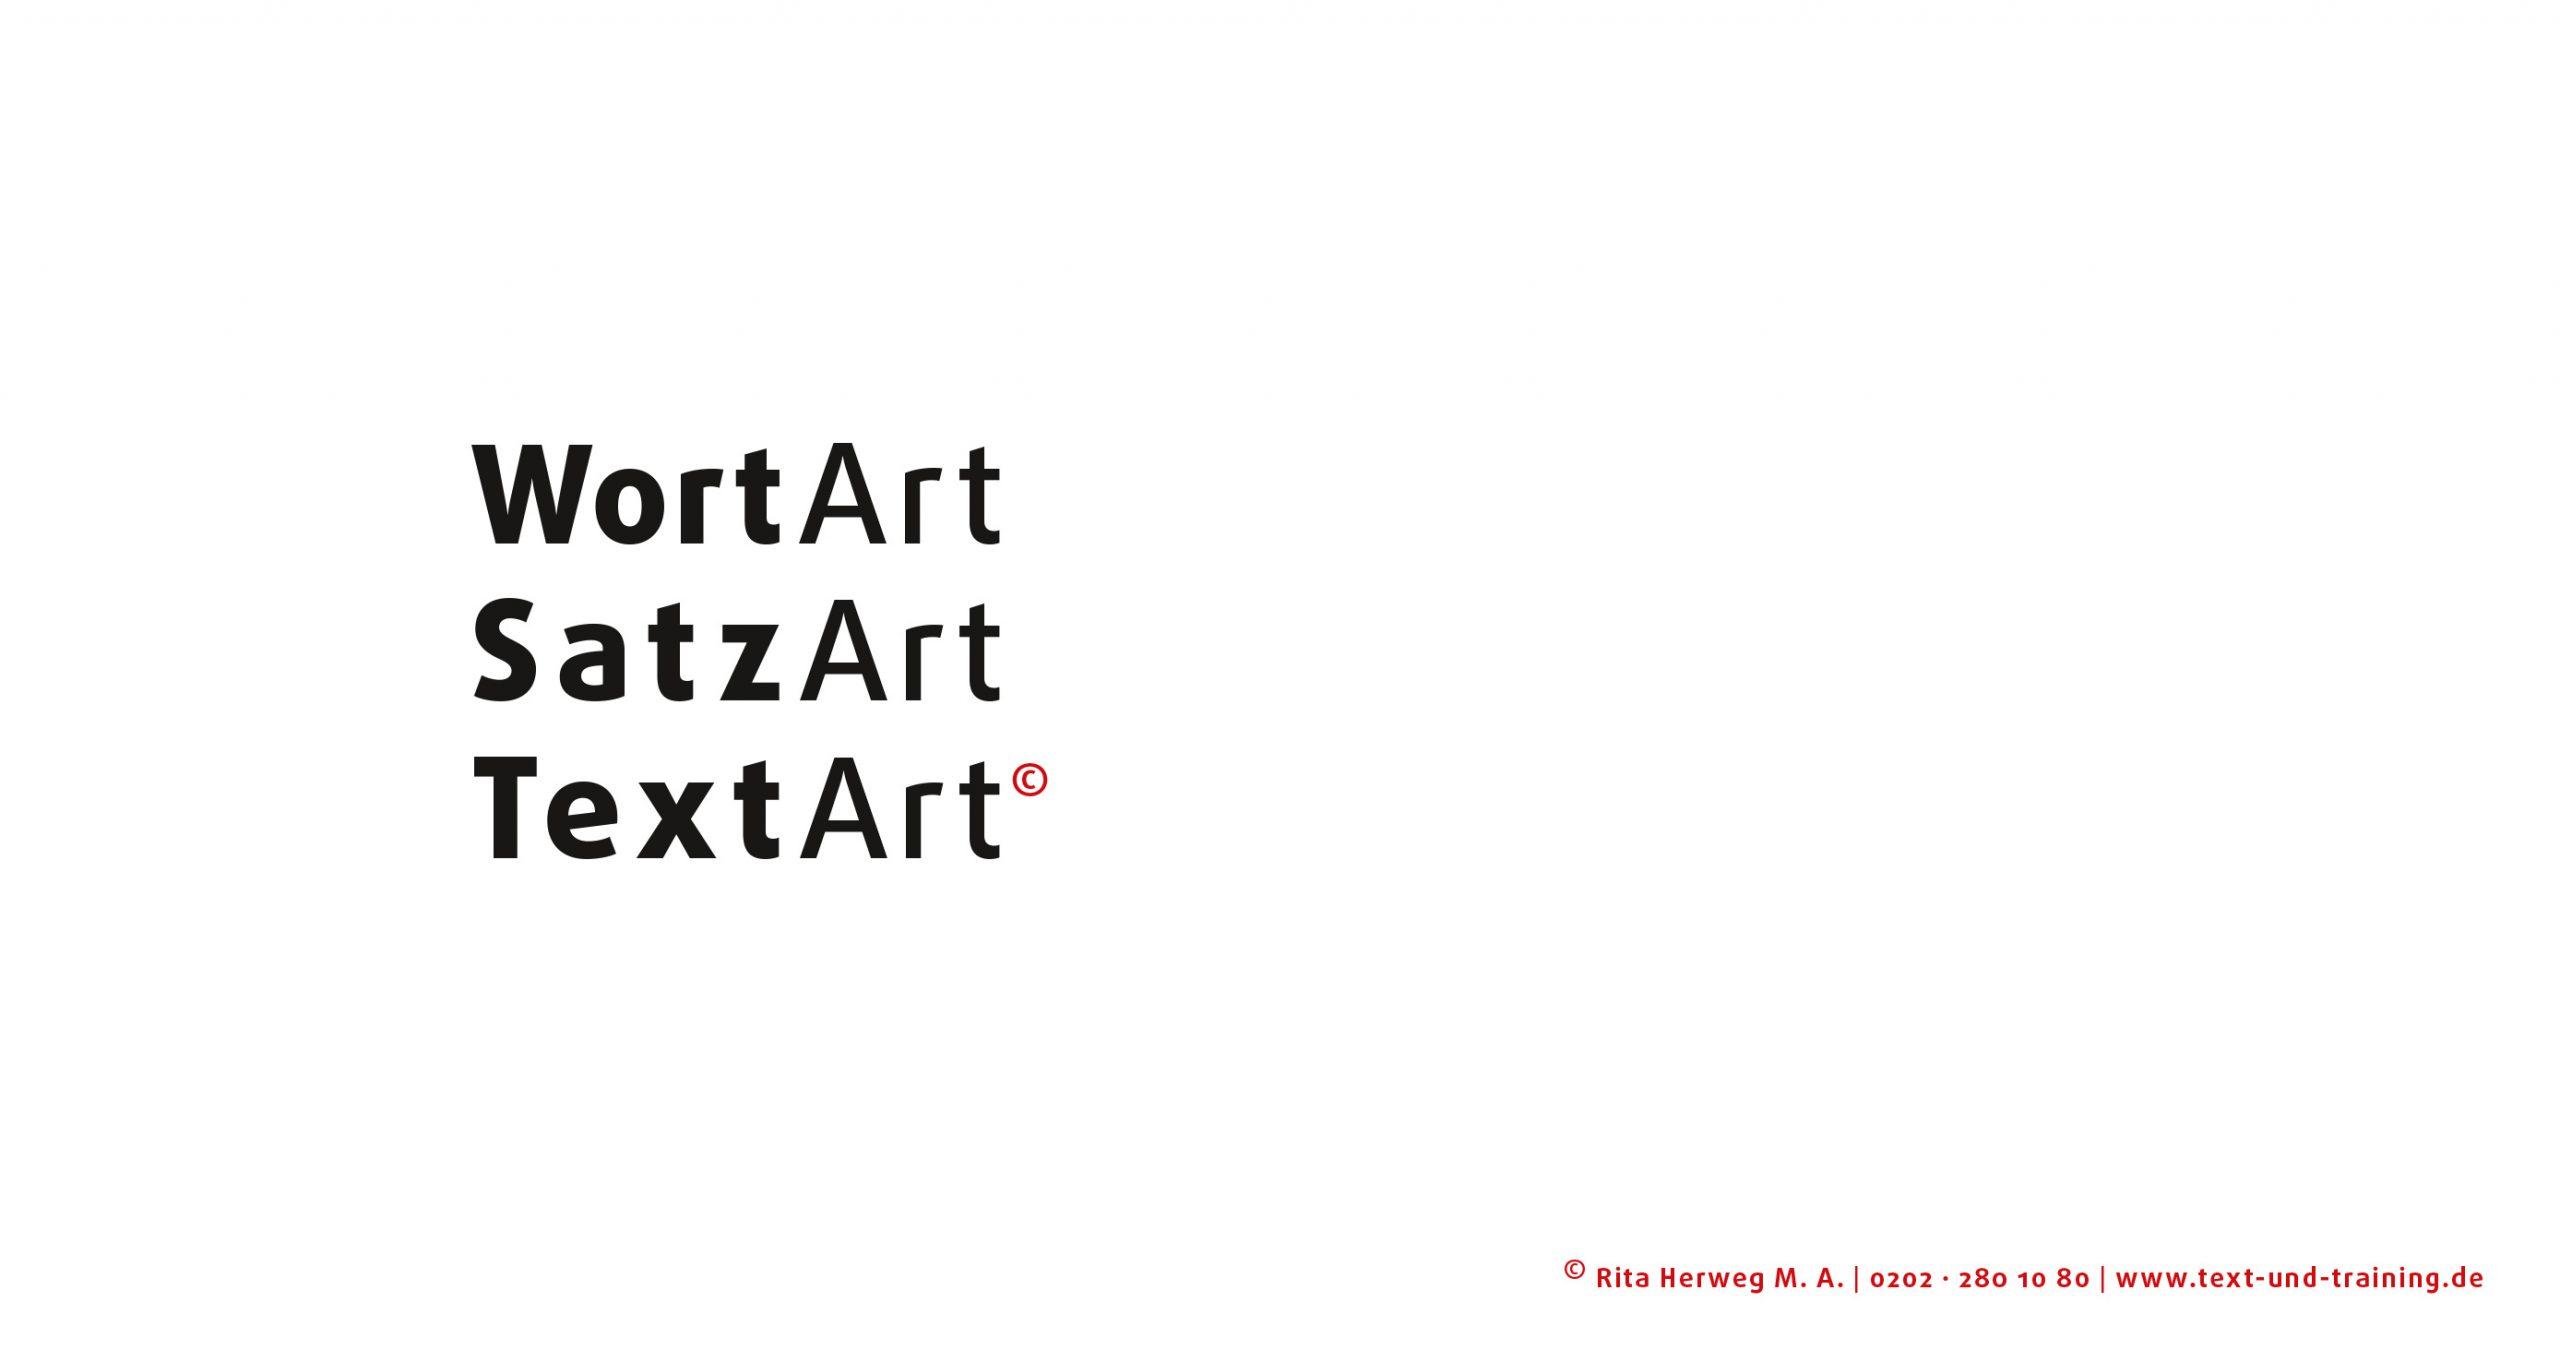 WordArt SatzArt TextArt